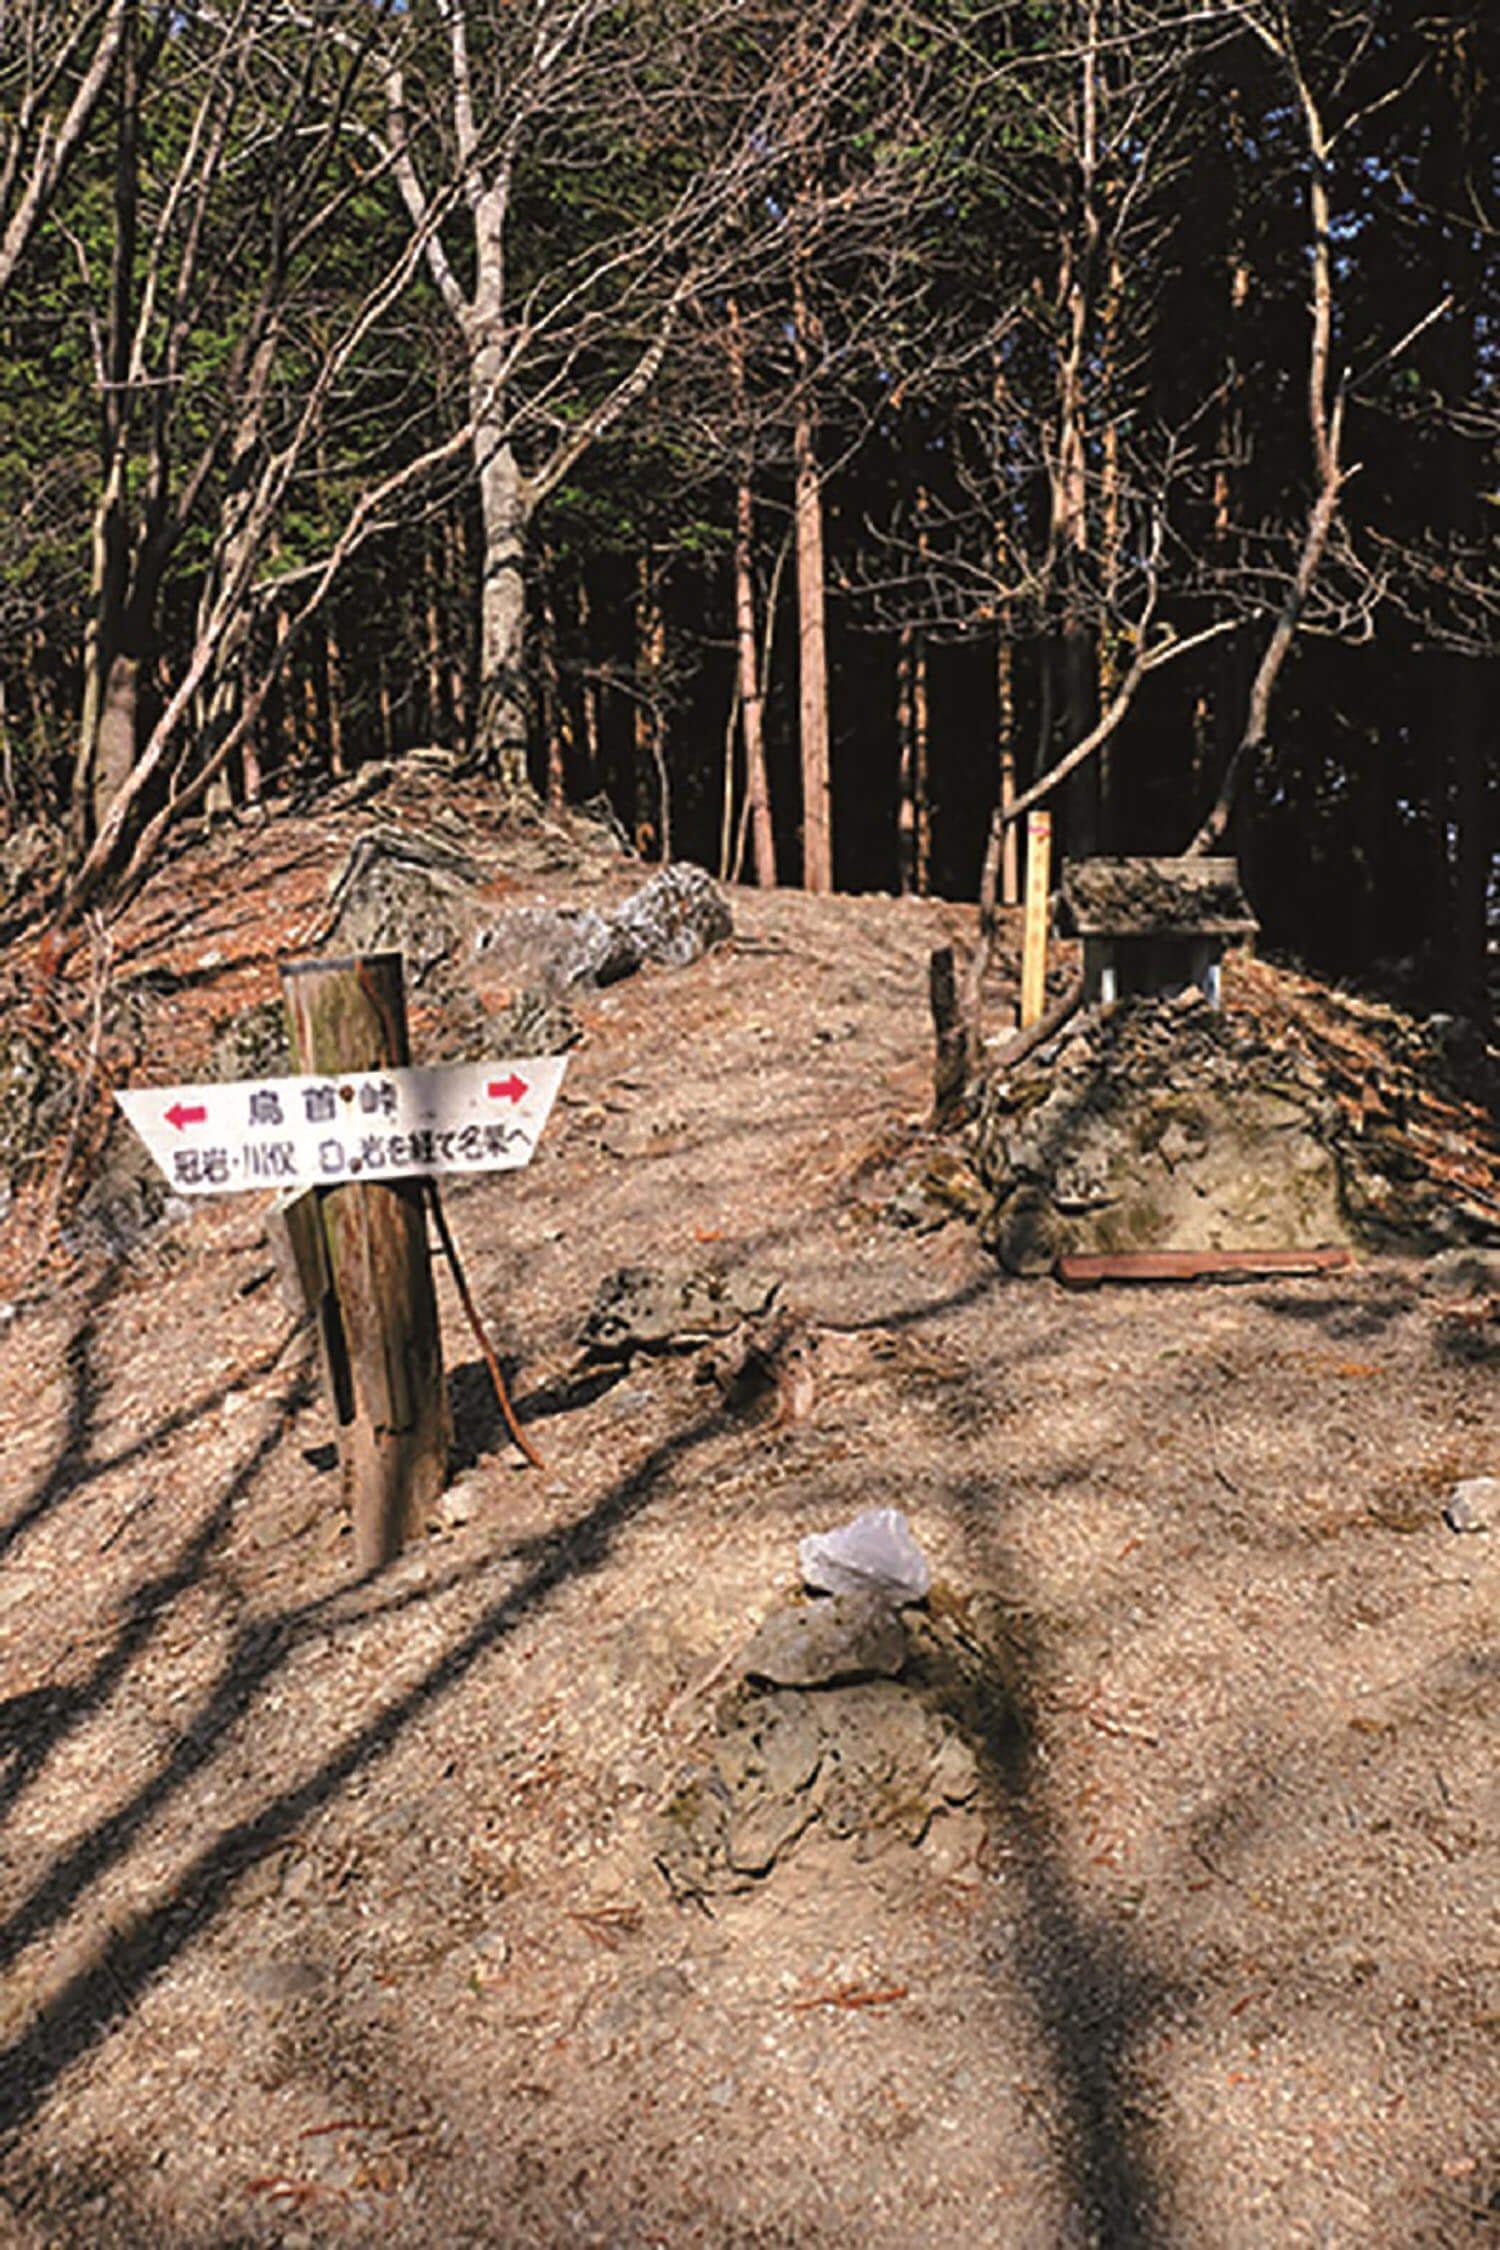 かつて白岩と冠岩(かむりいわ)を結んだ道に鳥首峠があった。標識も残っていたが、今はどちらの集落も廃村になった。